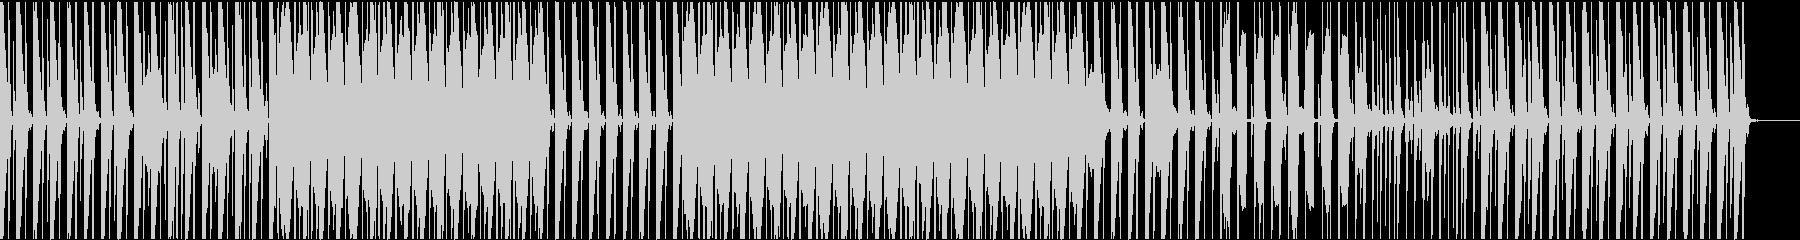 ハウス系リズムトラックの未再生の波形